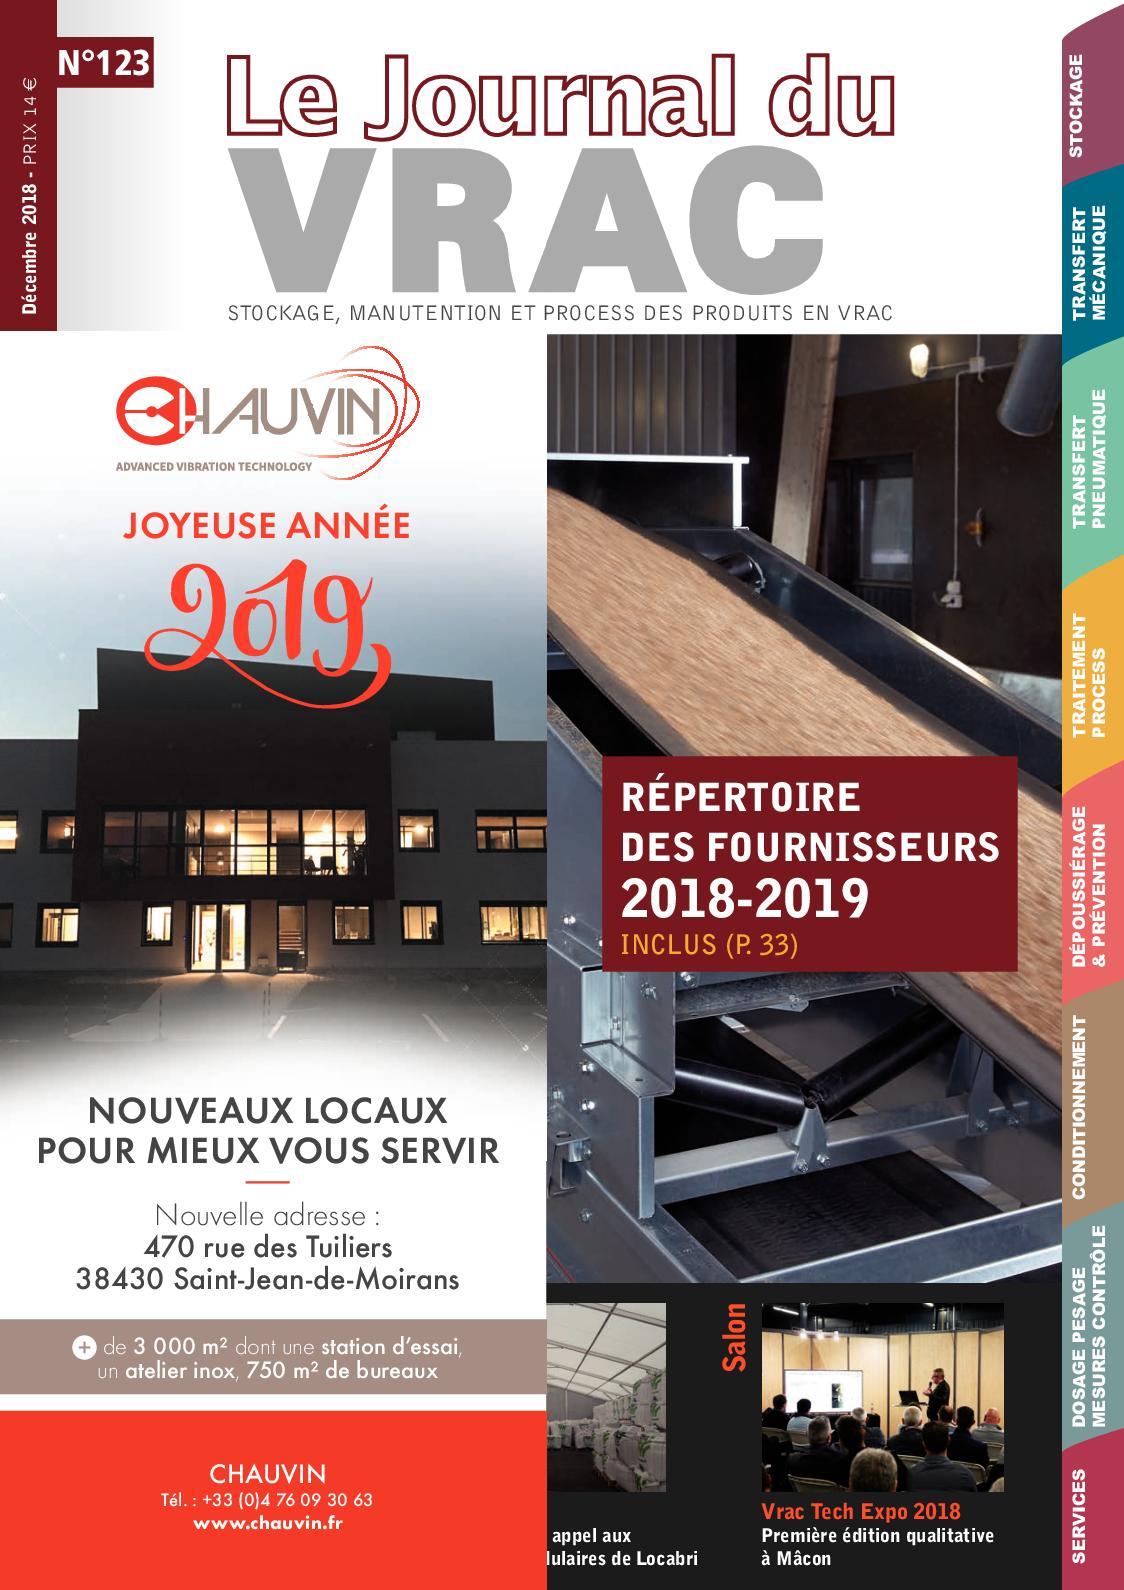 Le Journal du vrac n°123 - décembre 2018